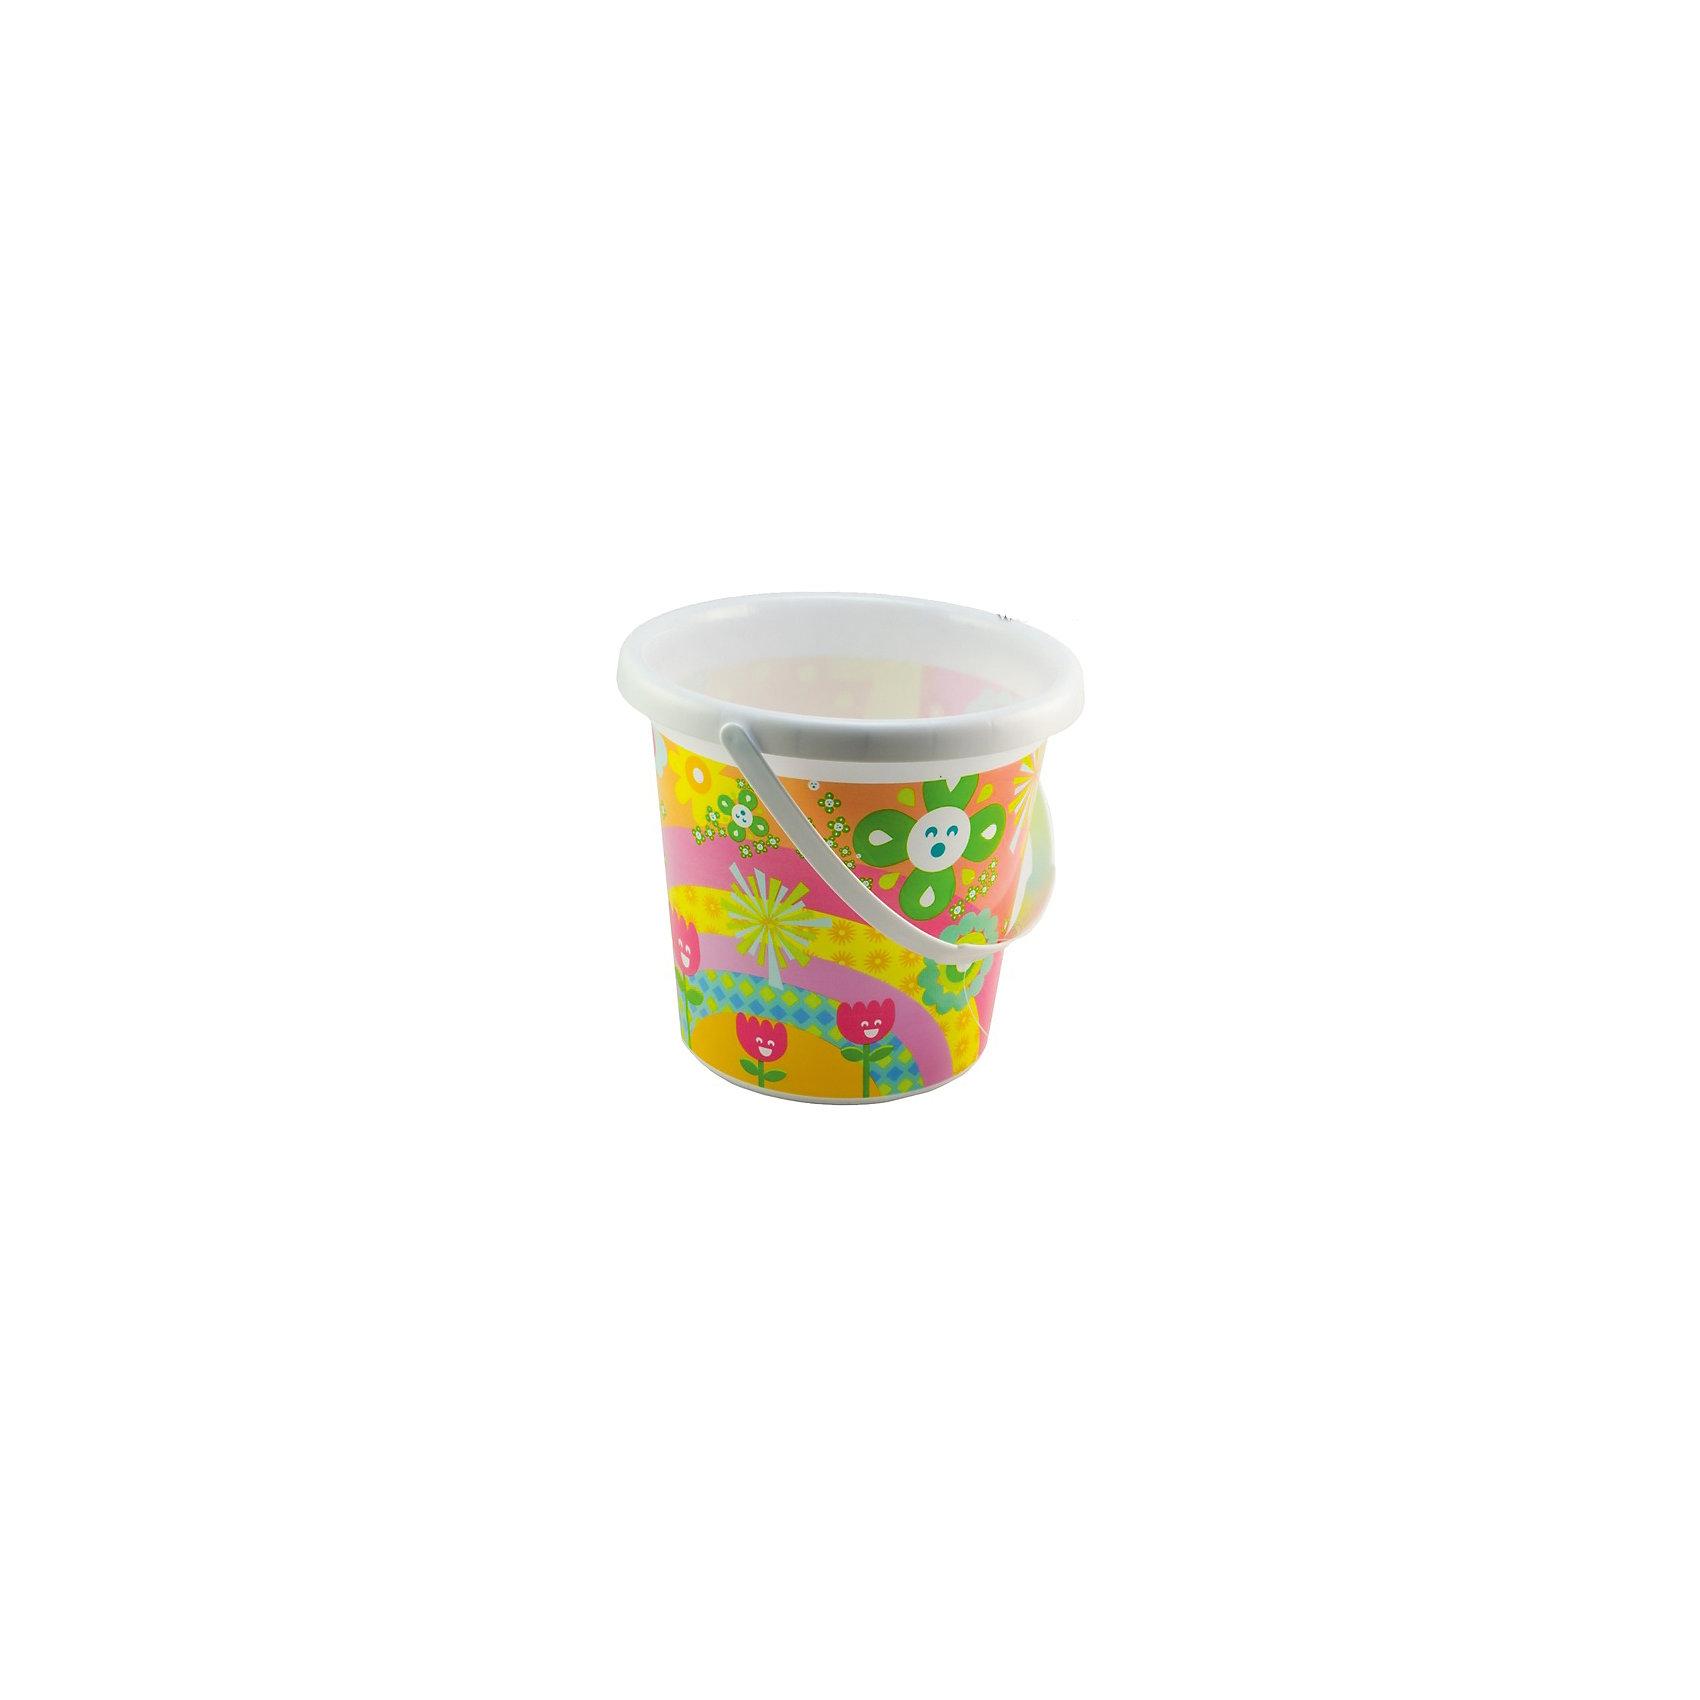 Ведерко Цветное, 18 см, ALTACTOДетское ведерко Цветное, Altacto, прекрасно подойдет для игр в песочнице, его можно взять с собой на прогулку и на пляж. Игрушка выполнена в ярком привлекательном дизайне и украшена забавным цветочным рисунком, имеется удобная ручка для переноски. Ведерко вмещает в себя довольно много песка и воды, из которых можно выстроить сказочные замки и слепить куличики. Выполнено из экологически чистого и высококачественного материала, не содержащего в составе вредных красителей. <br> <br>Дополнительная информация:        <br><br>- Материал: пластик. <br>- Размер ведерка: 18 х 13 х 16 см.<br>- Вес: 83 гр.<br><br>Ведерко Цветное, 18 см., Altacto, можно купить в нашем интернет-магазине.<br><br>Ширина мм: 180<br>Глубина мм: 130<br>Высота мм: 160<br>Вес г: 83<br>Возраст от месяцев: 12<br>Возраст до месяцев: 36<br>Пол: Унисекс<br>Возраст: Детский<br>SKU: 4622252